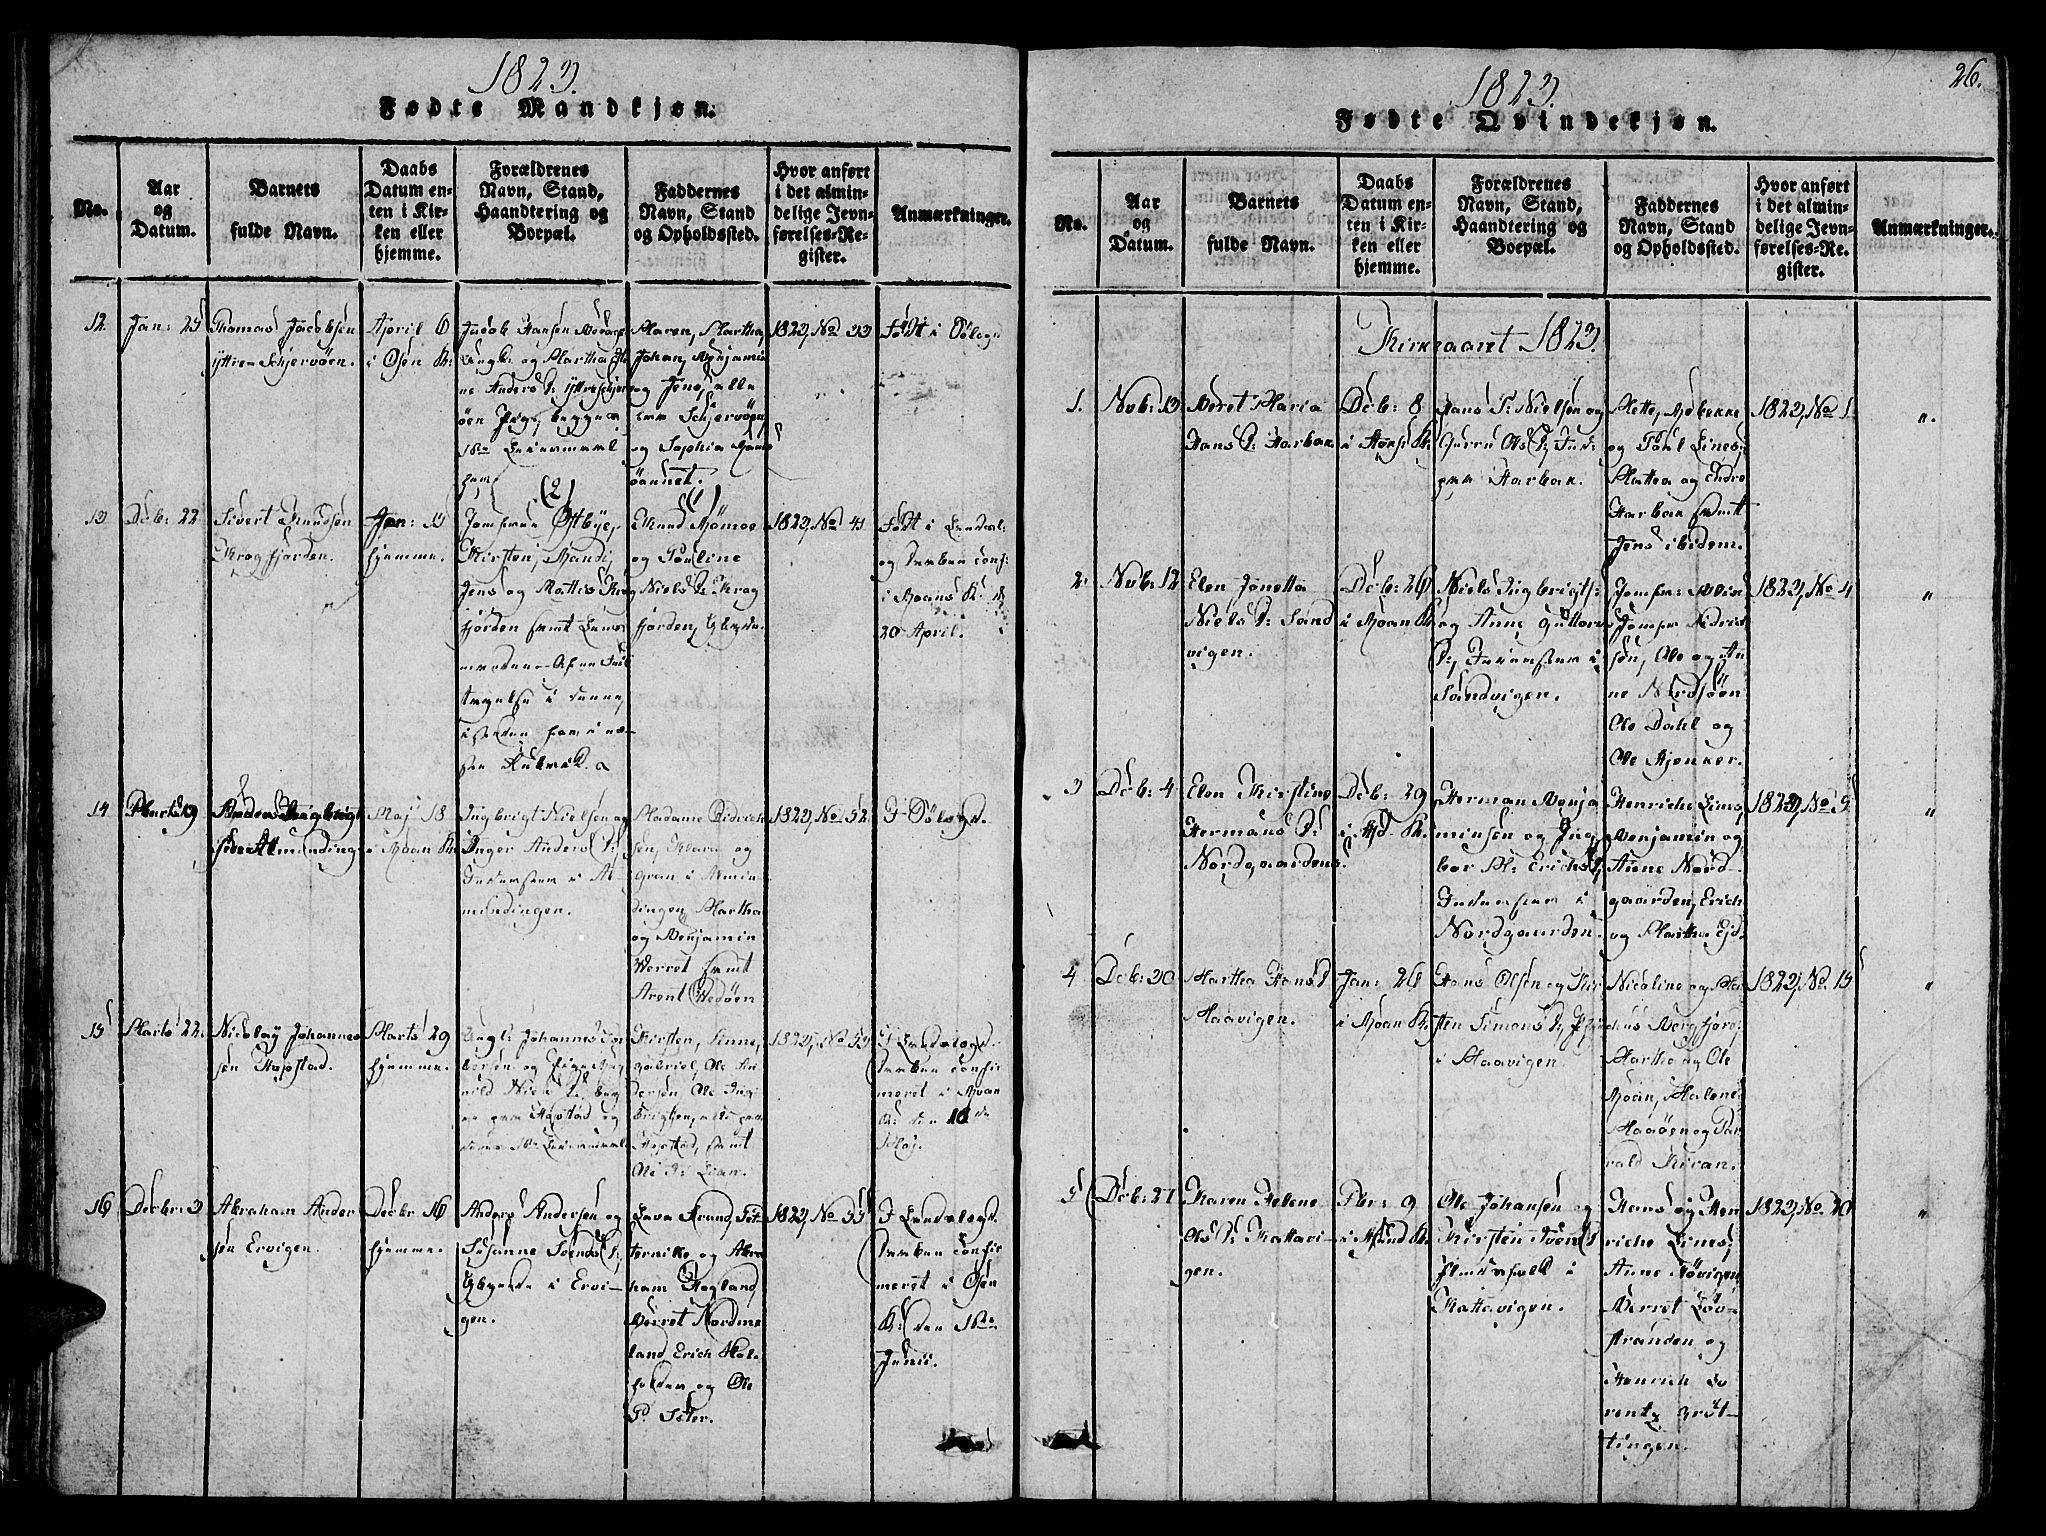 SAT, Ministerialprotokoller, klokkerbøker og fødselsregistre - Sør-Trøndelag, 657/L0702: Ministerialbok nr. 657A03, 1818-1831, s. 26